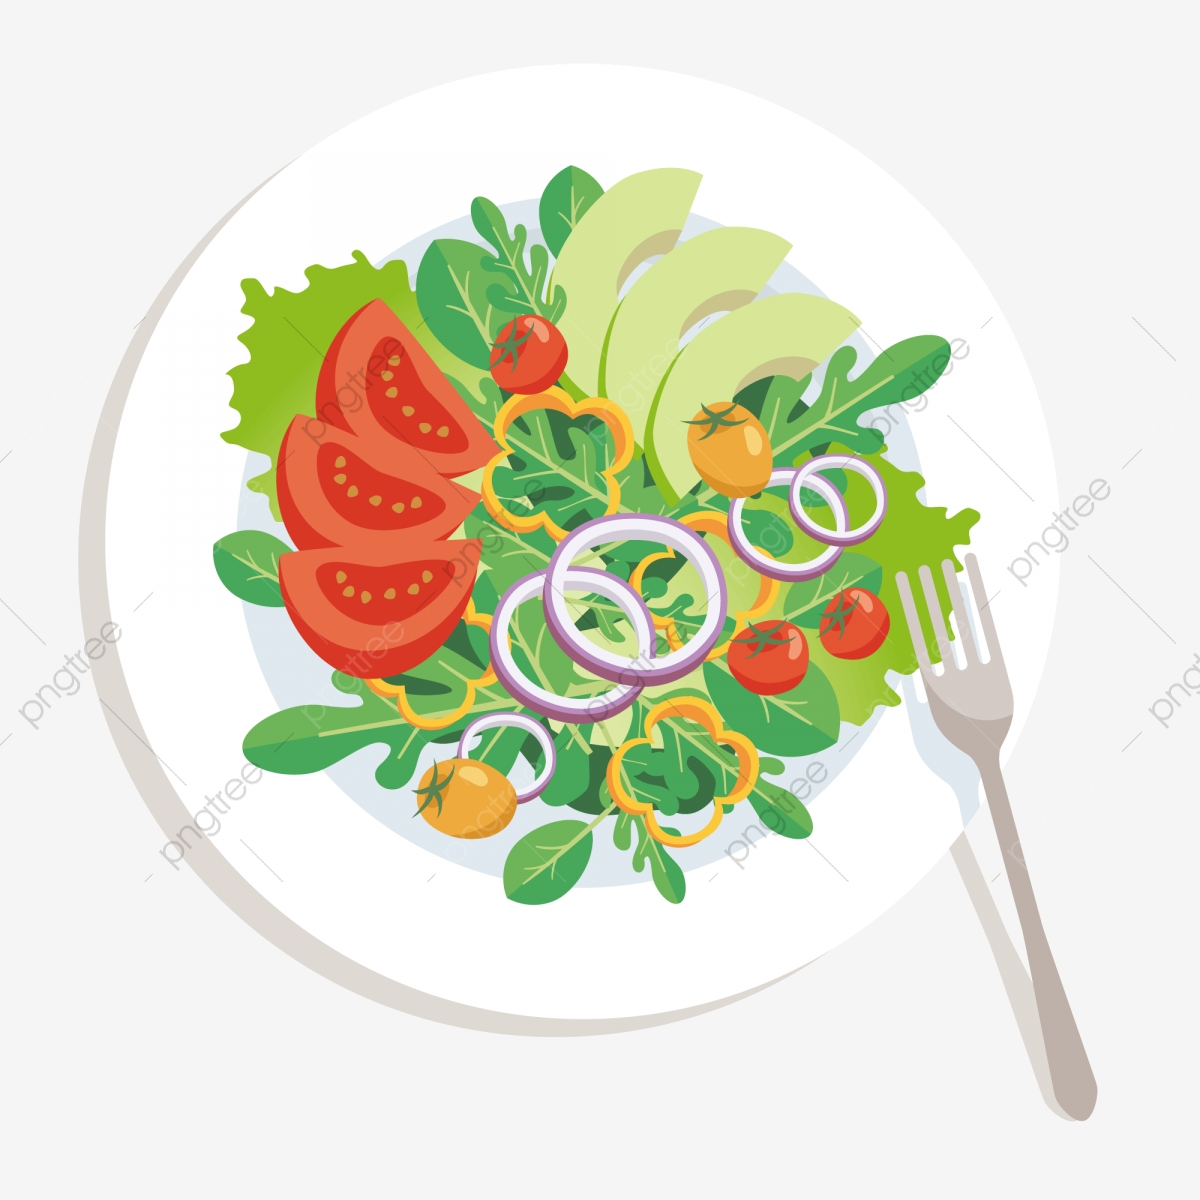 Vegetables clipart salad vegetable. Food pattern